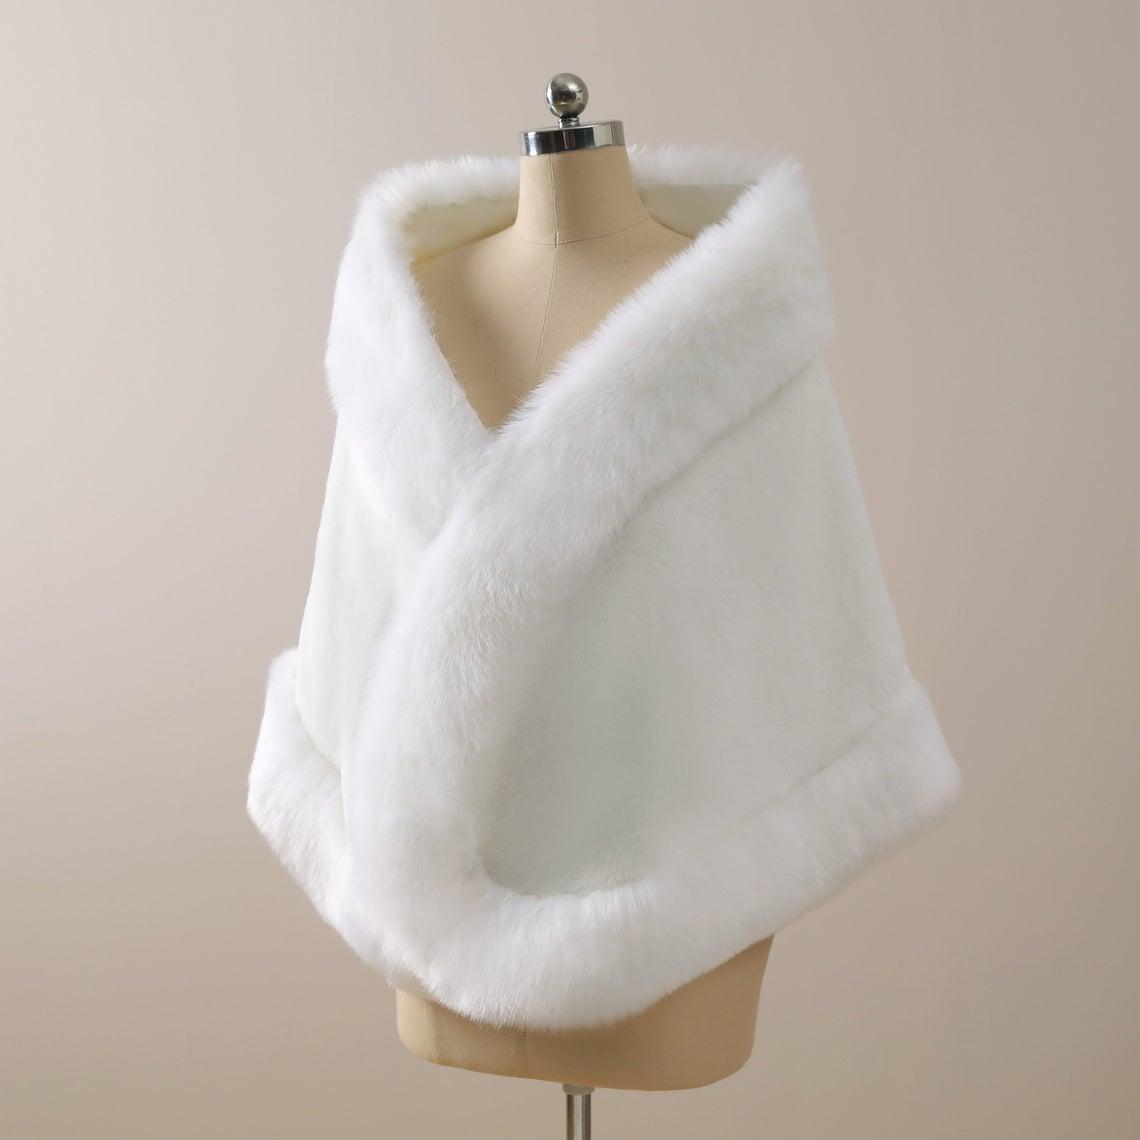 Hohe Qualität Winter Hochzeitsmantel Bridal Faux Pelz Wraps Warme Tücher Oberbekleidung Koreanische Stil Frauenjacke Prom Abendparty CPA3308